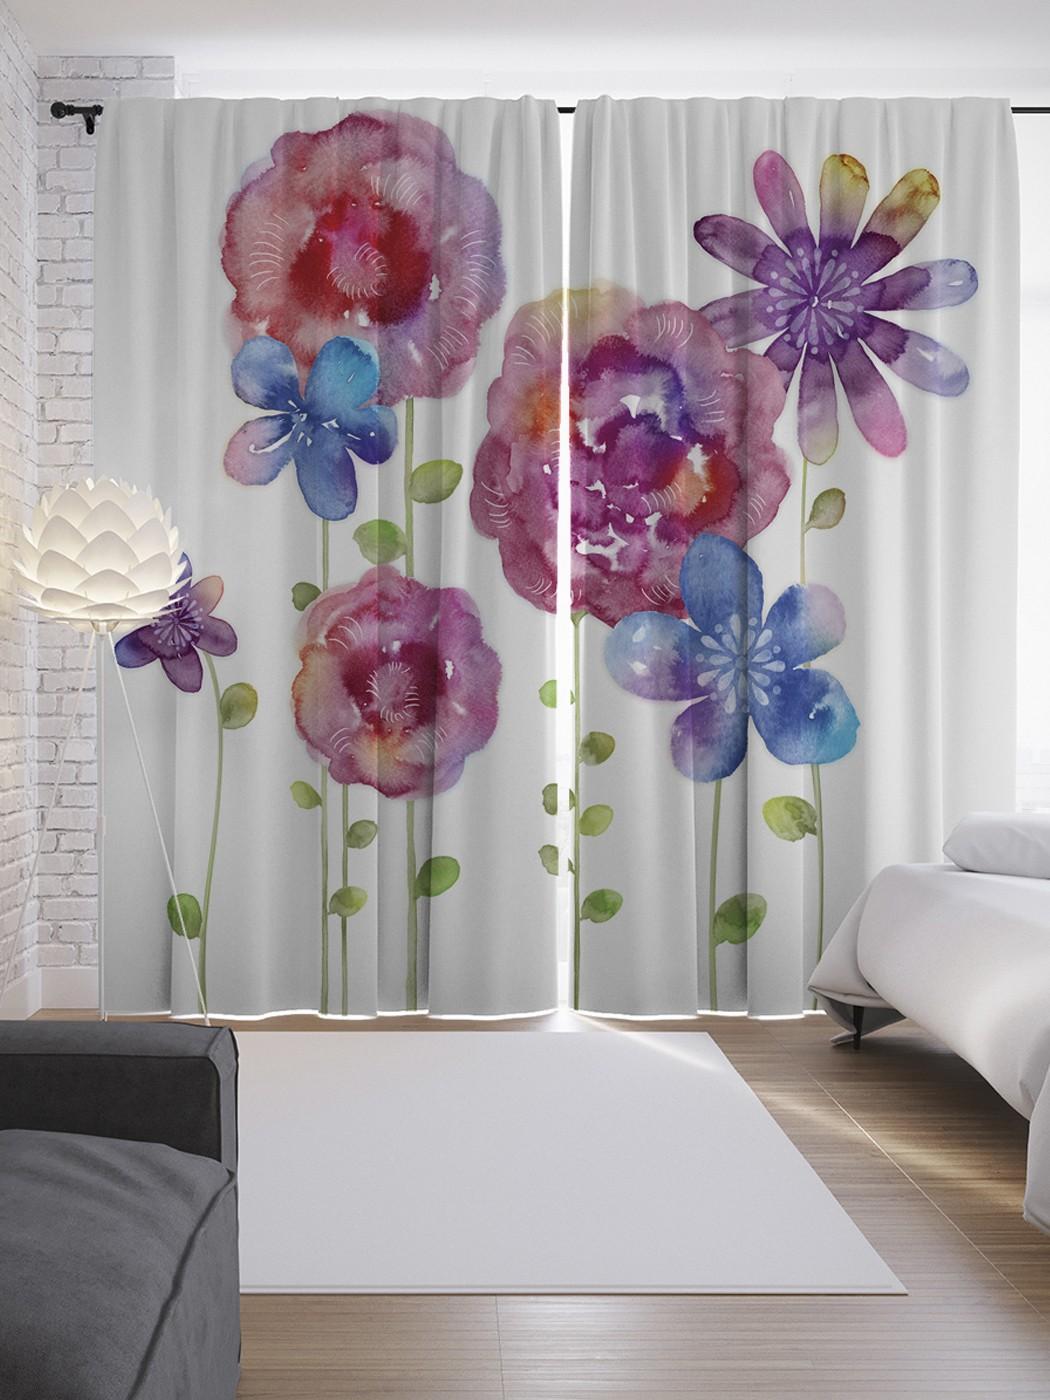 фотопечать цветы на шторах каталог